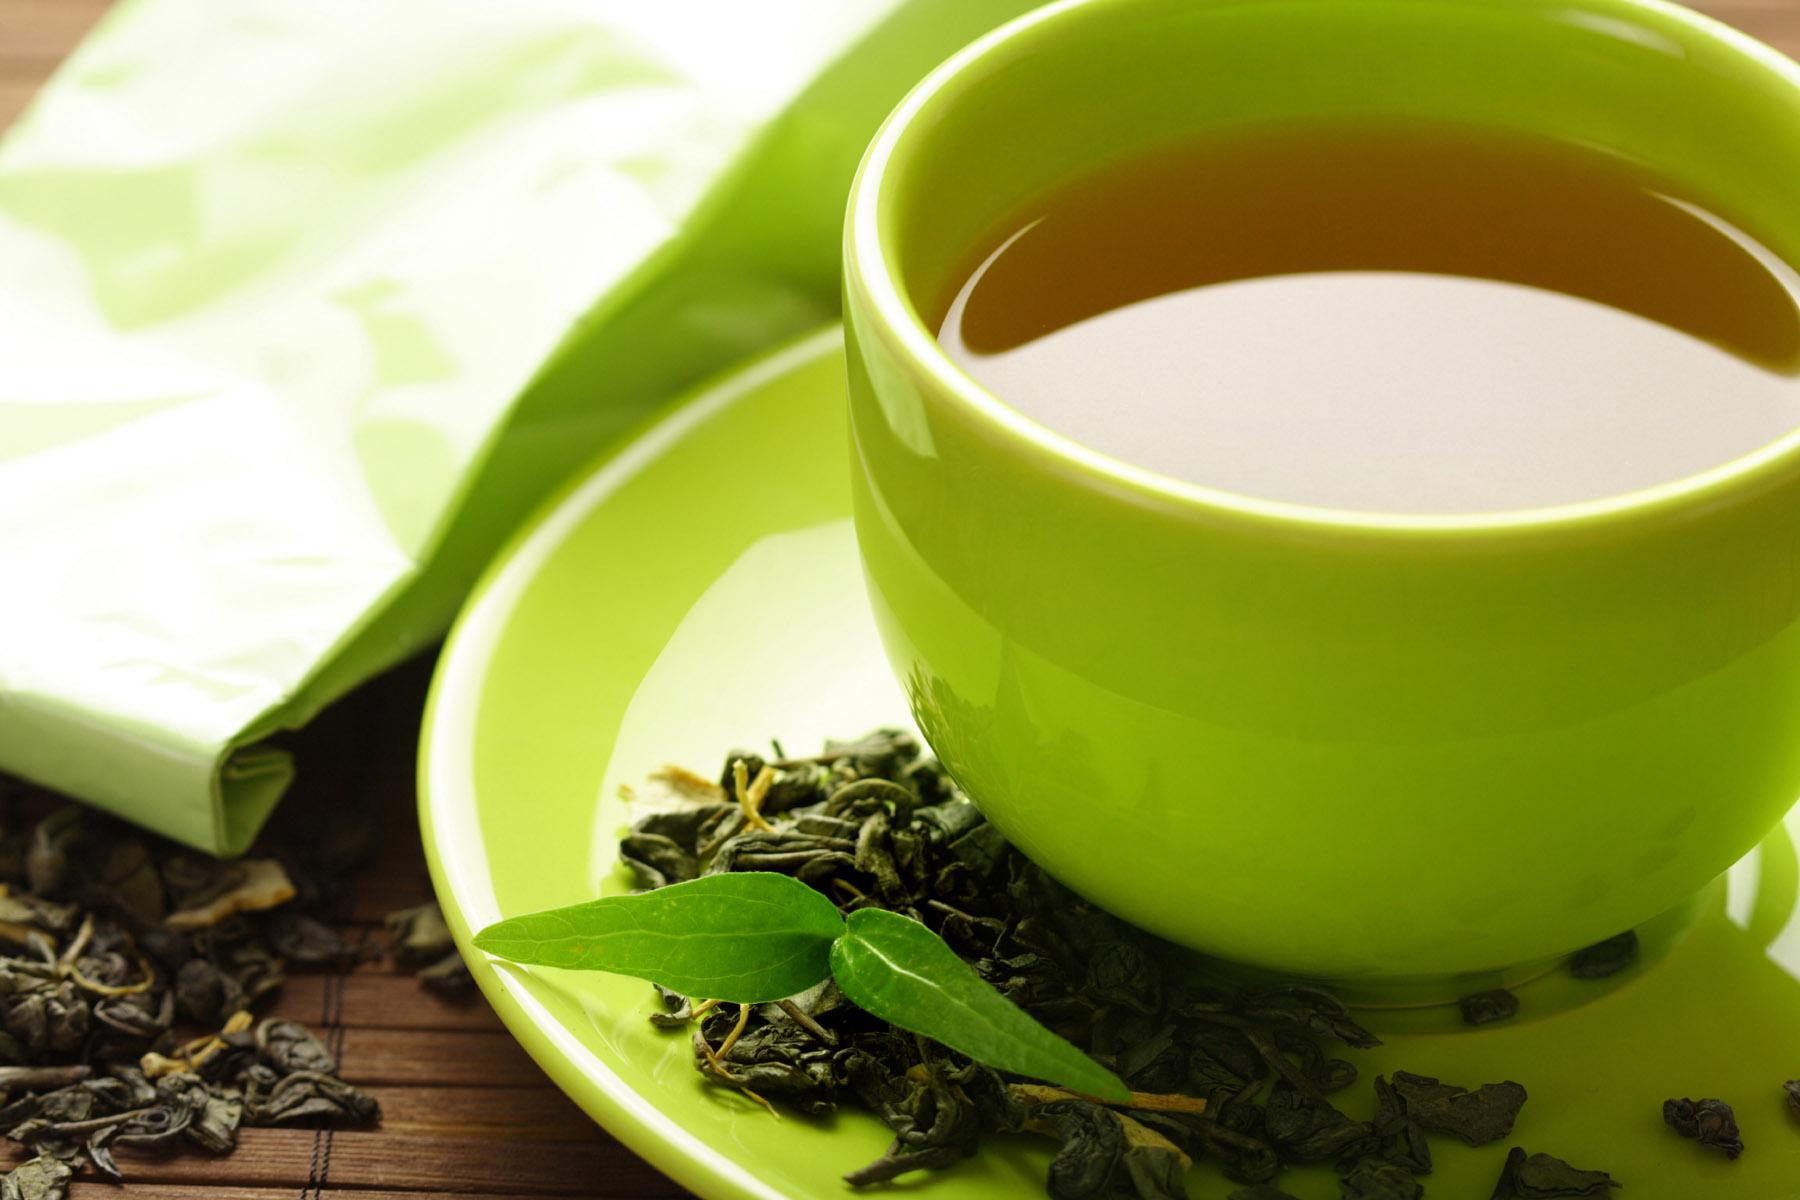 ����� ������ ���� ����� فوائد-تناول-الشاي-الاخضر-قبل-النوم.jpg